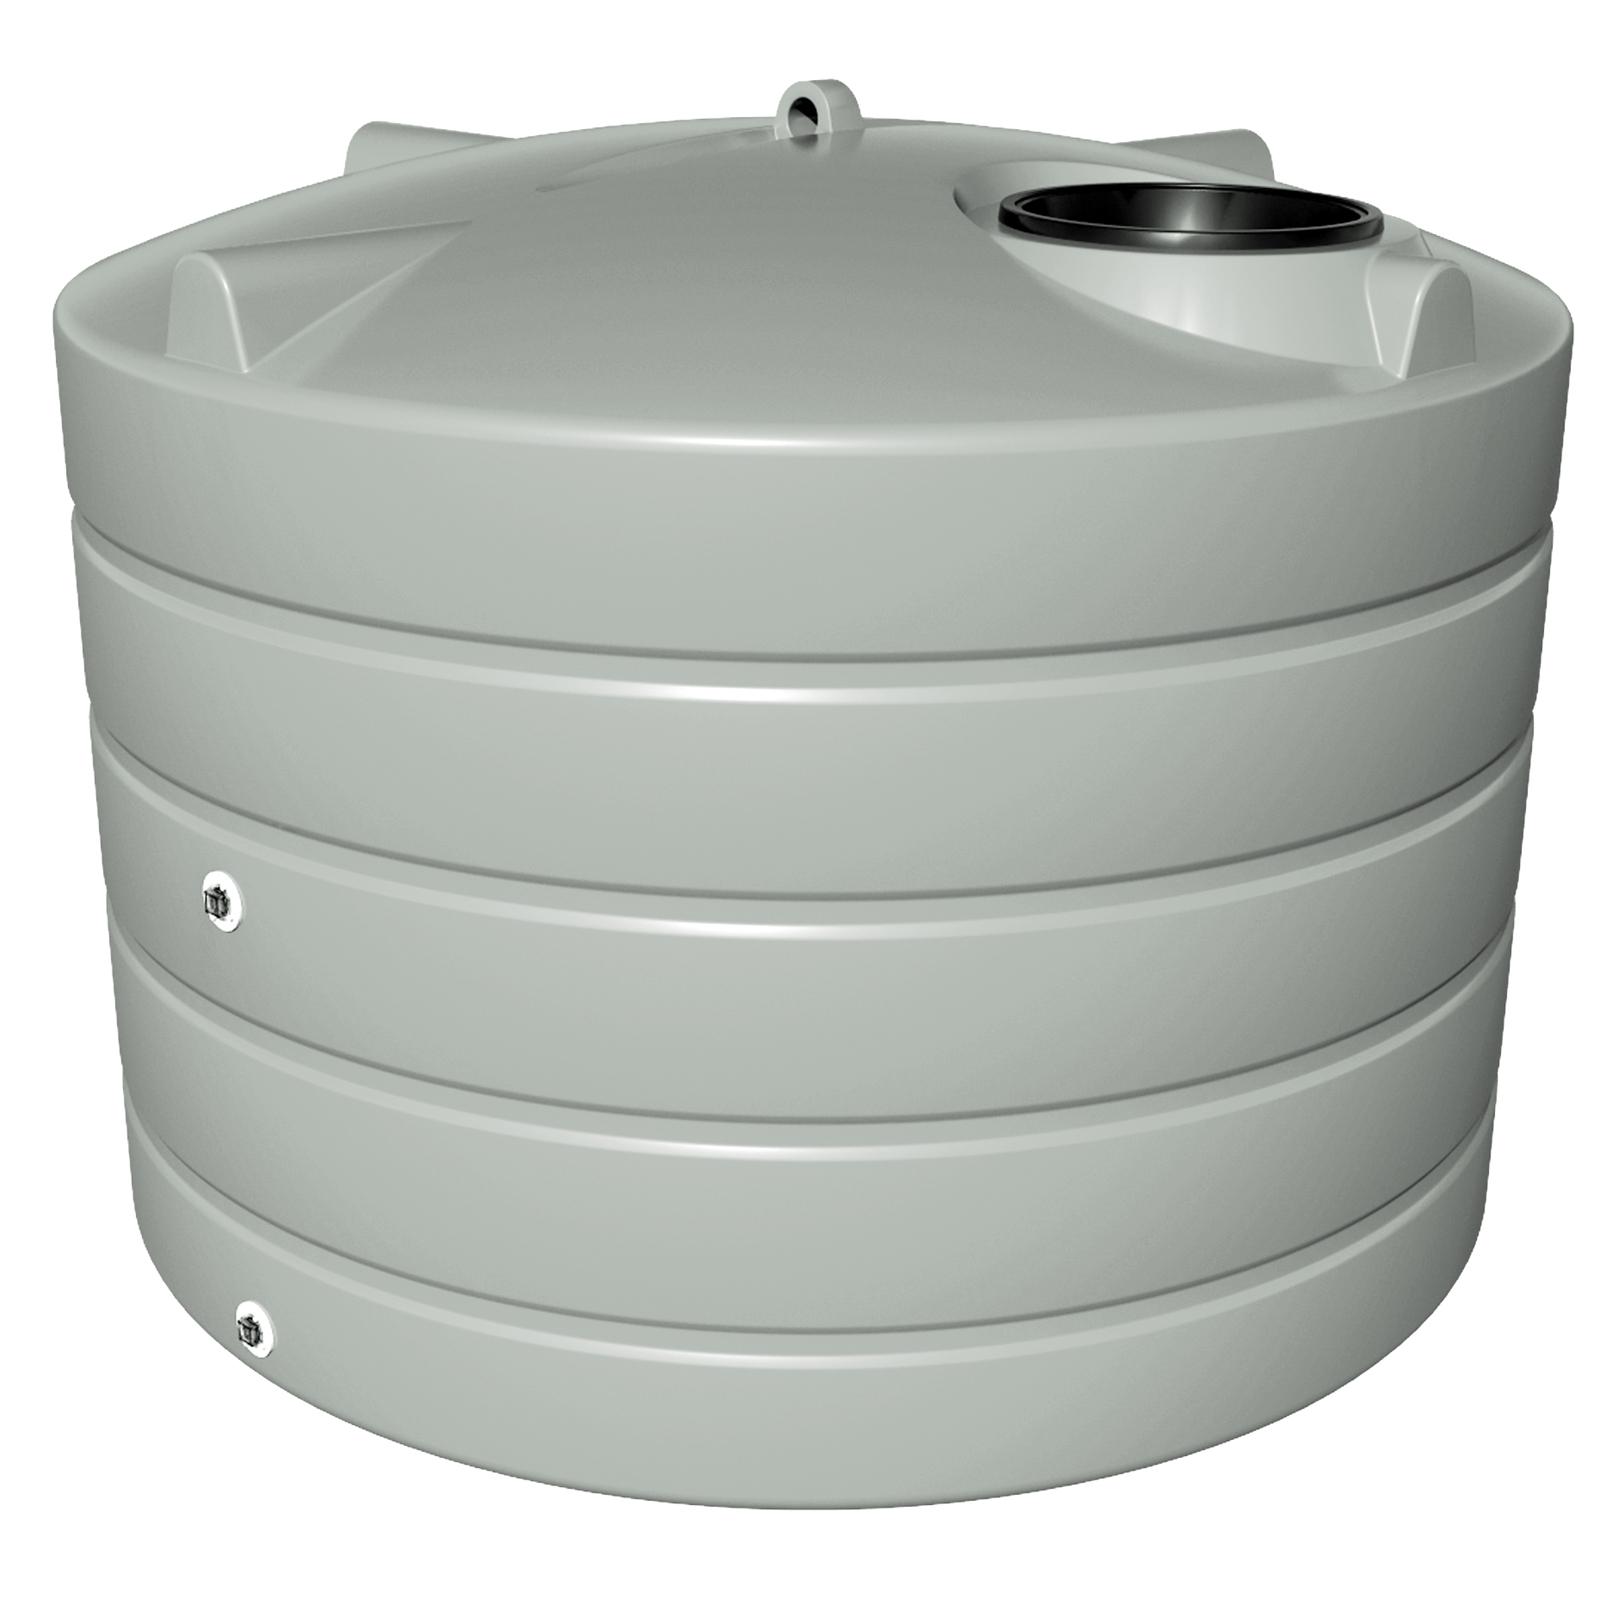 NextGenRoto 3150L Polyethylene Squat Round Water Tank - Gull Grey